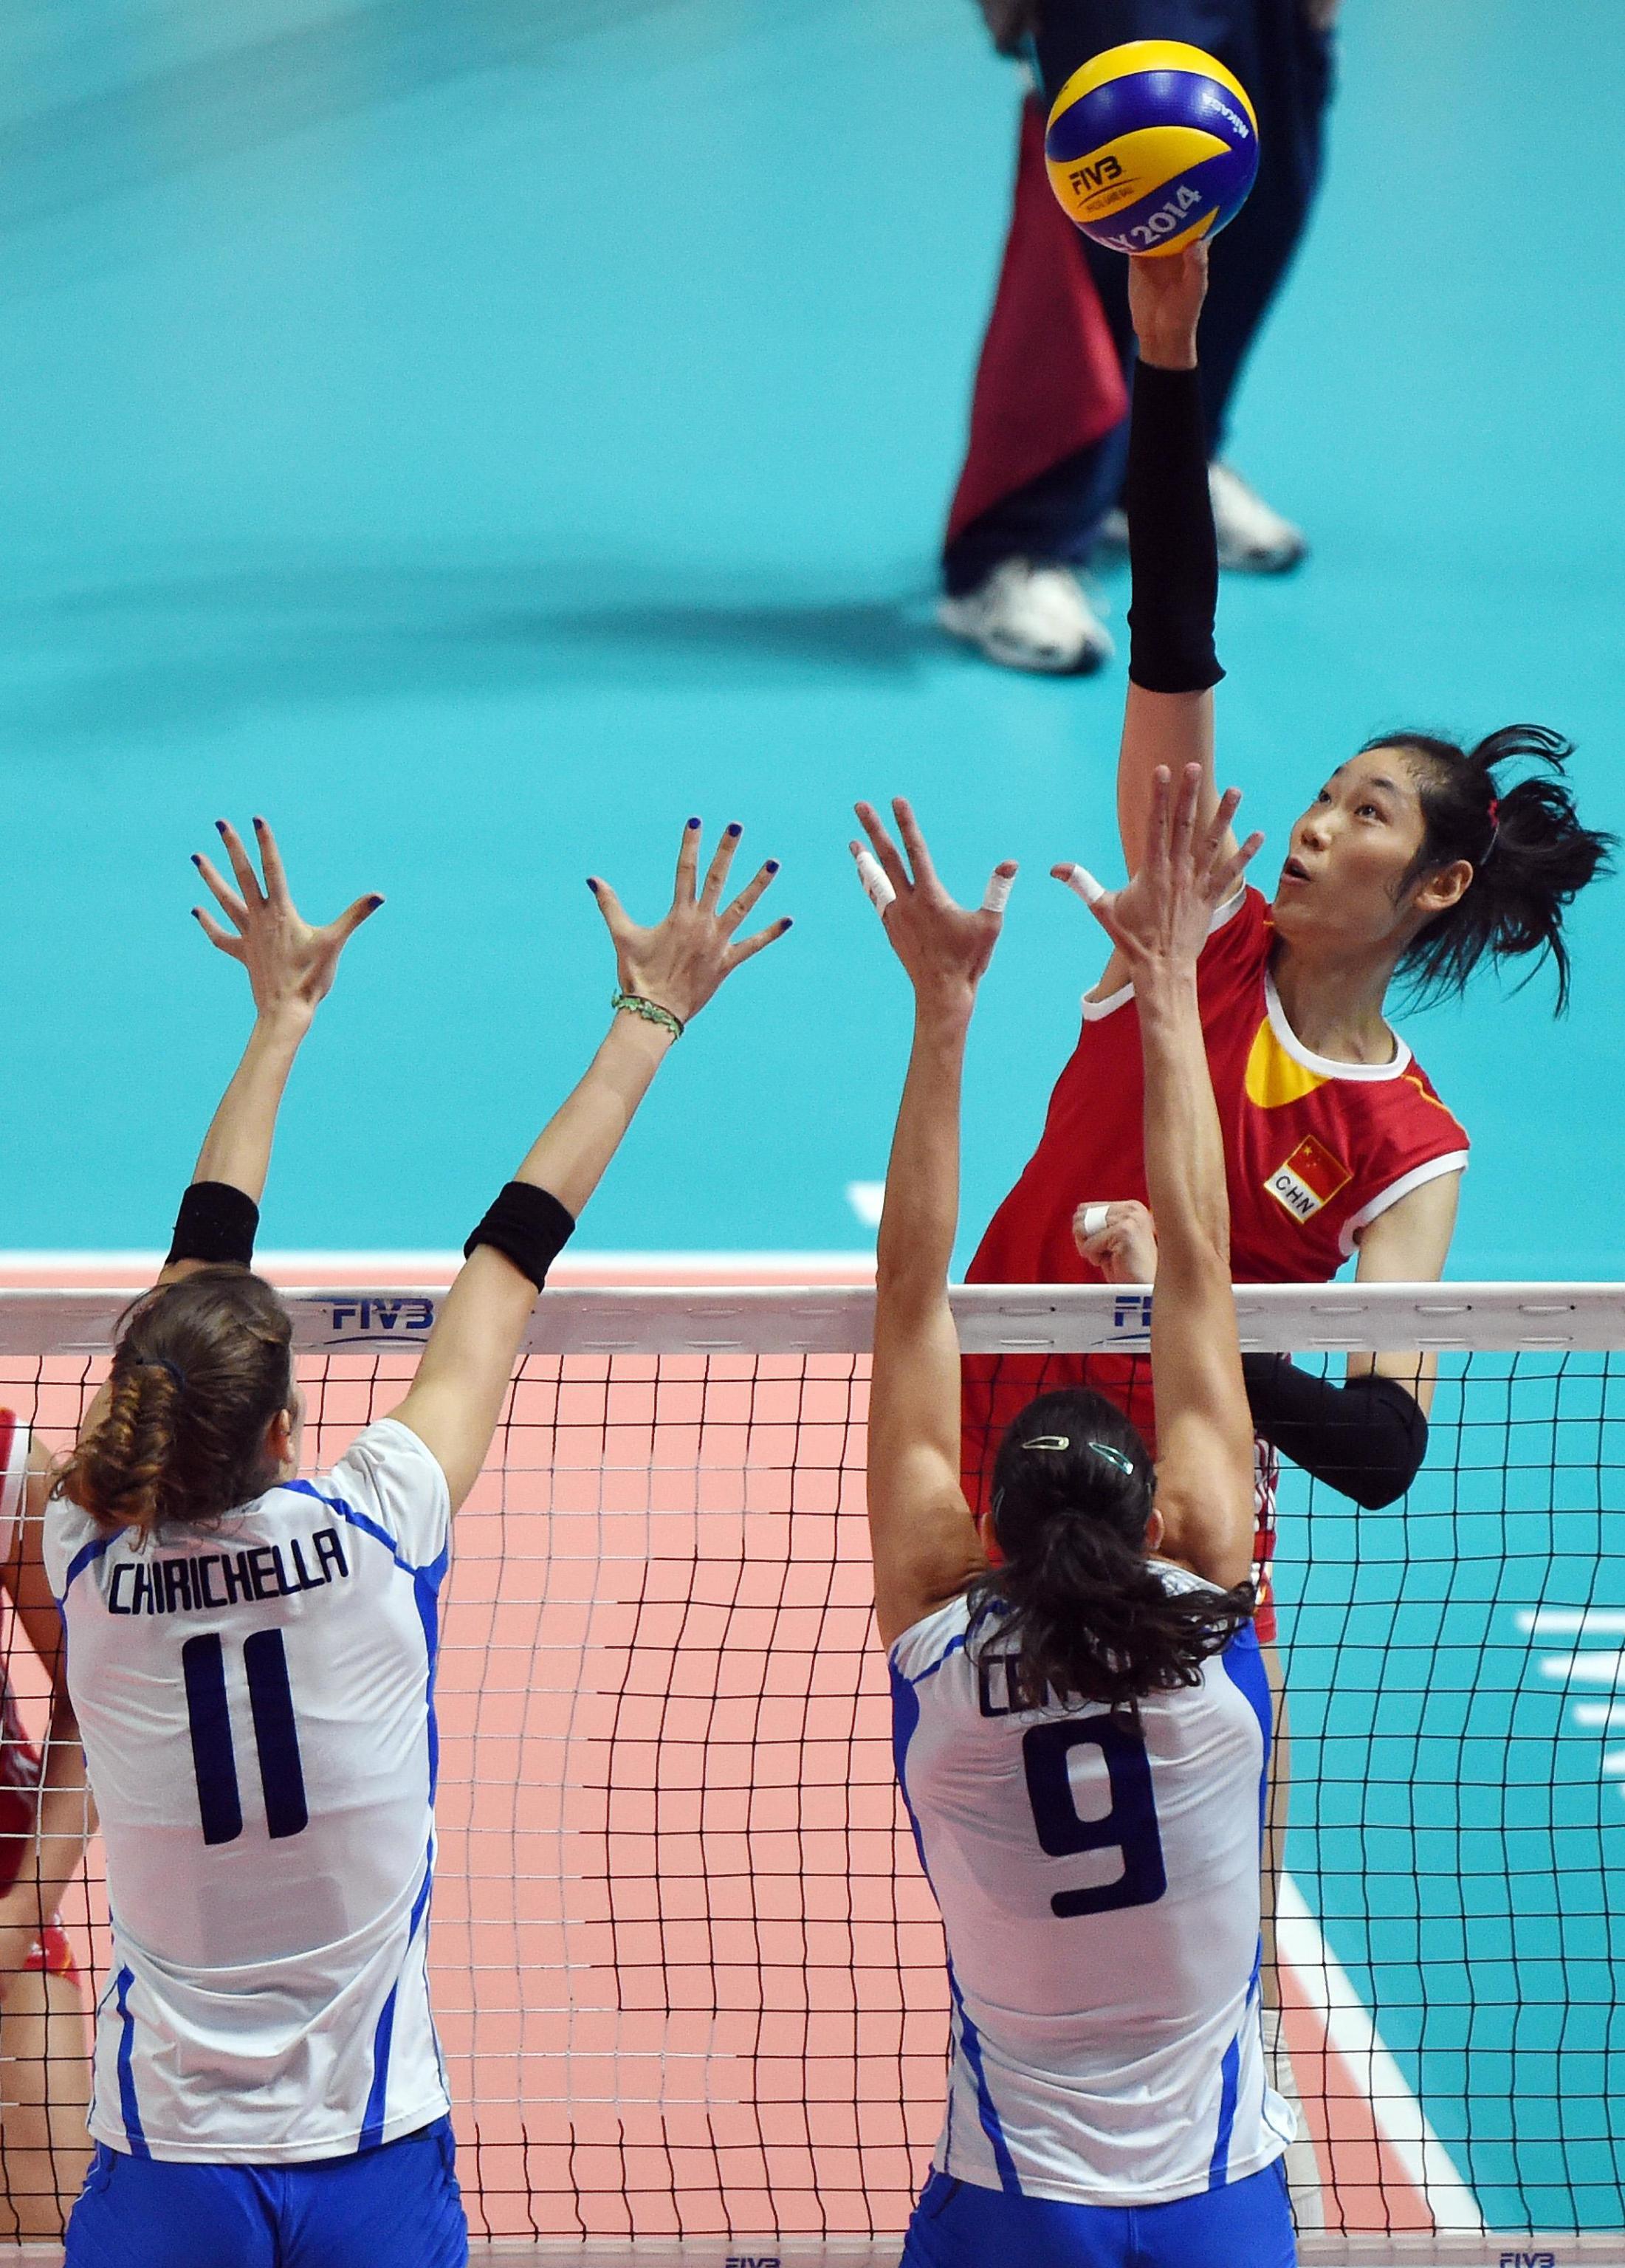 Pallavolo_Mondiali_Italia_Cina_09